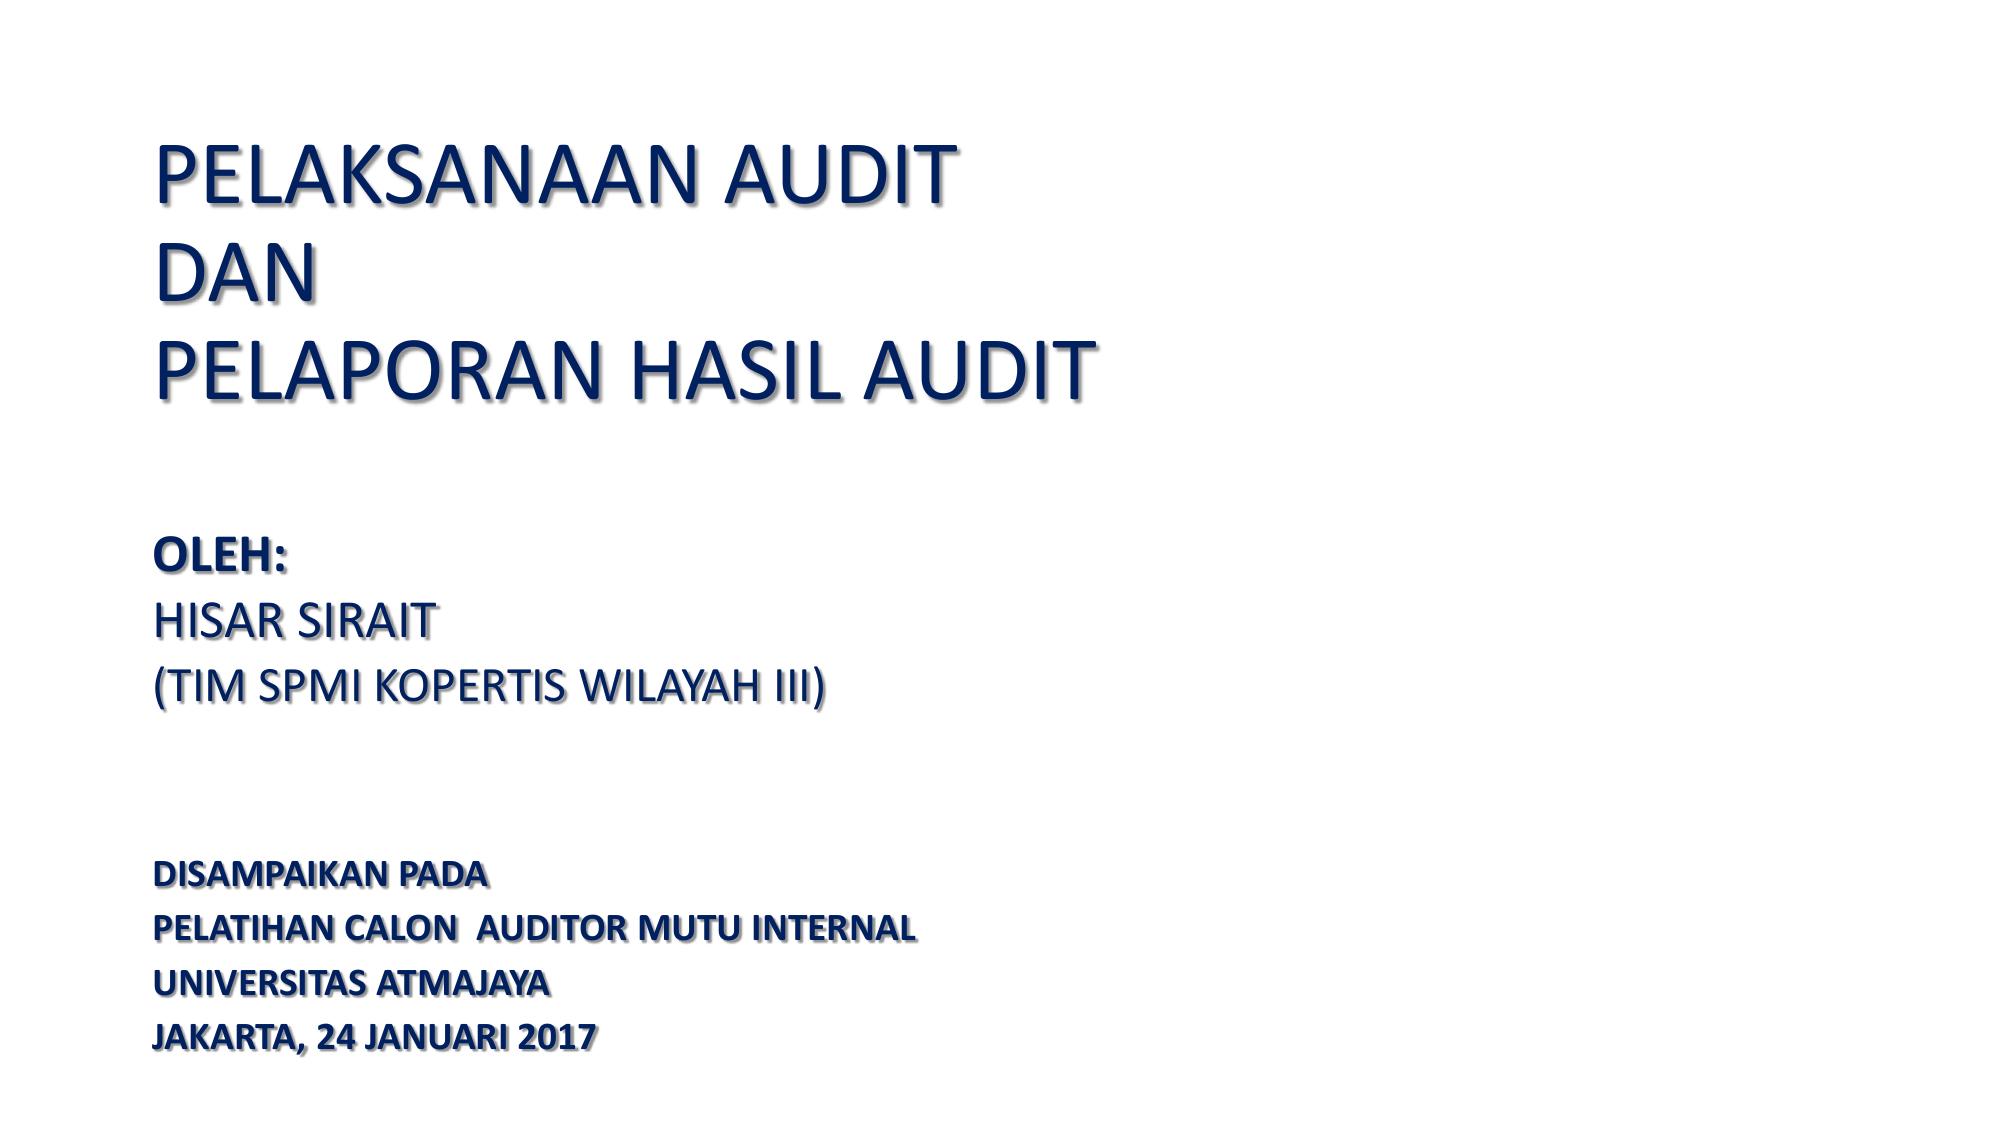 Pelaksanaan Audit Dan Pelaporan Hasil Audit